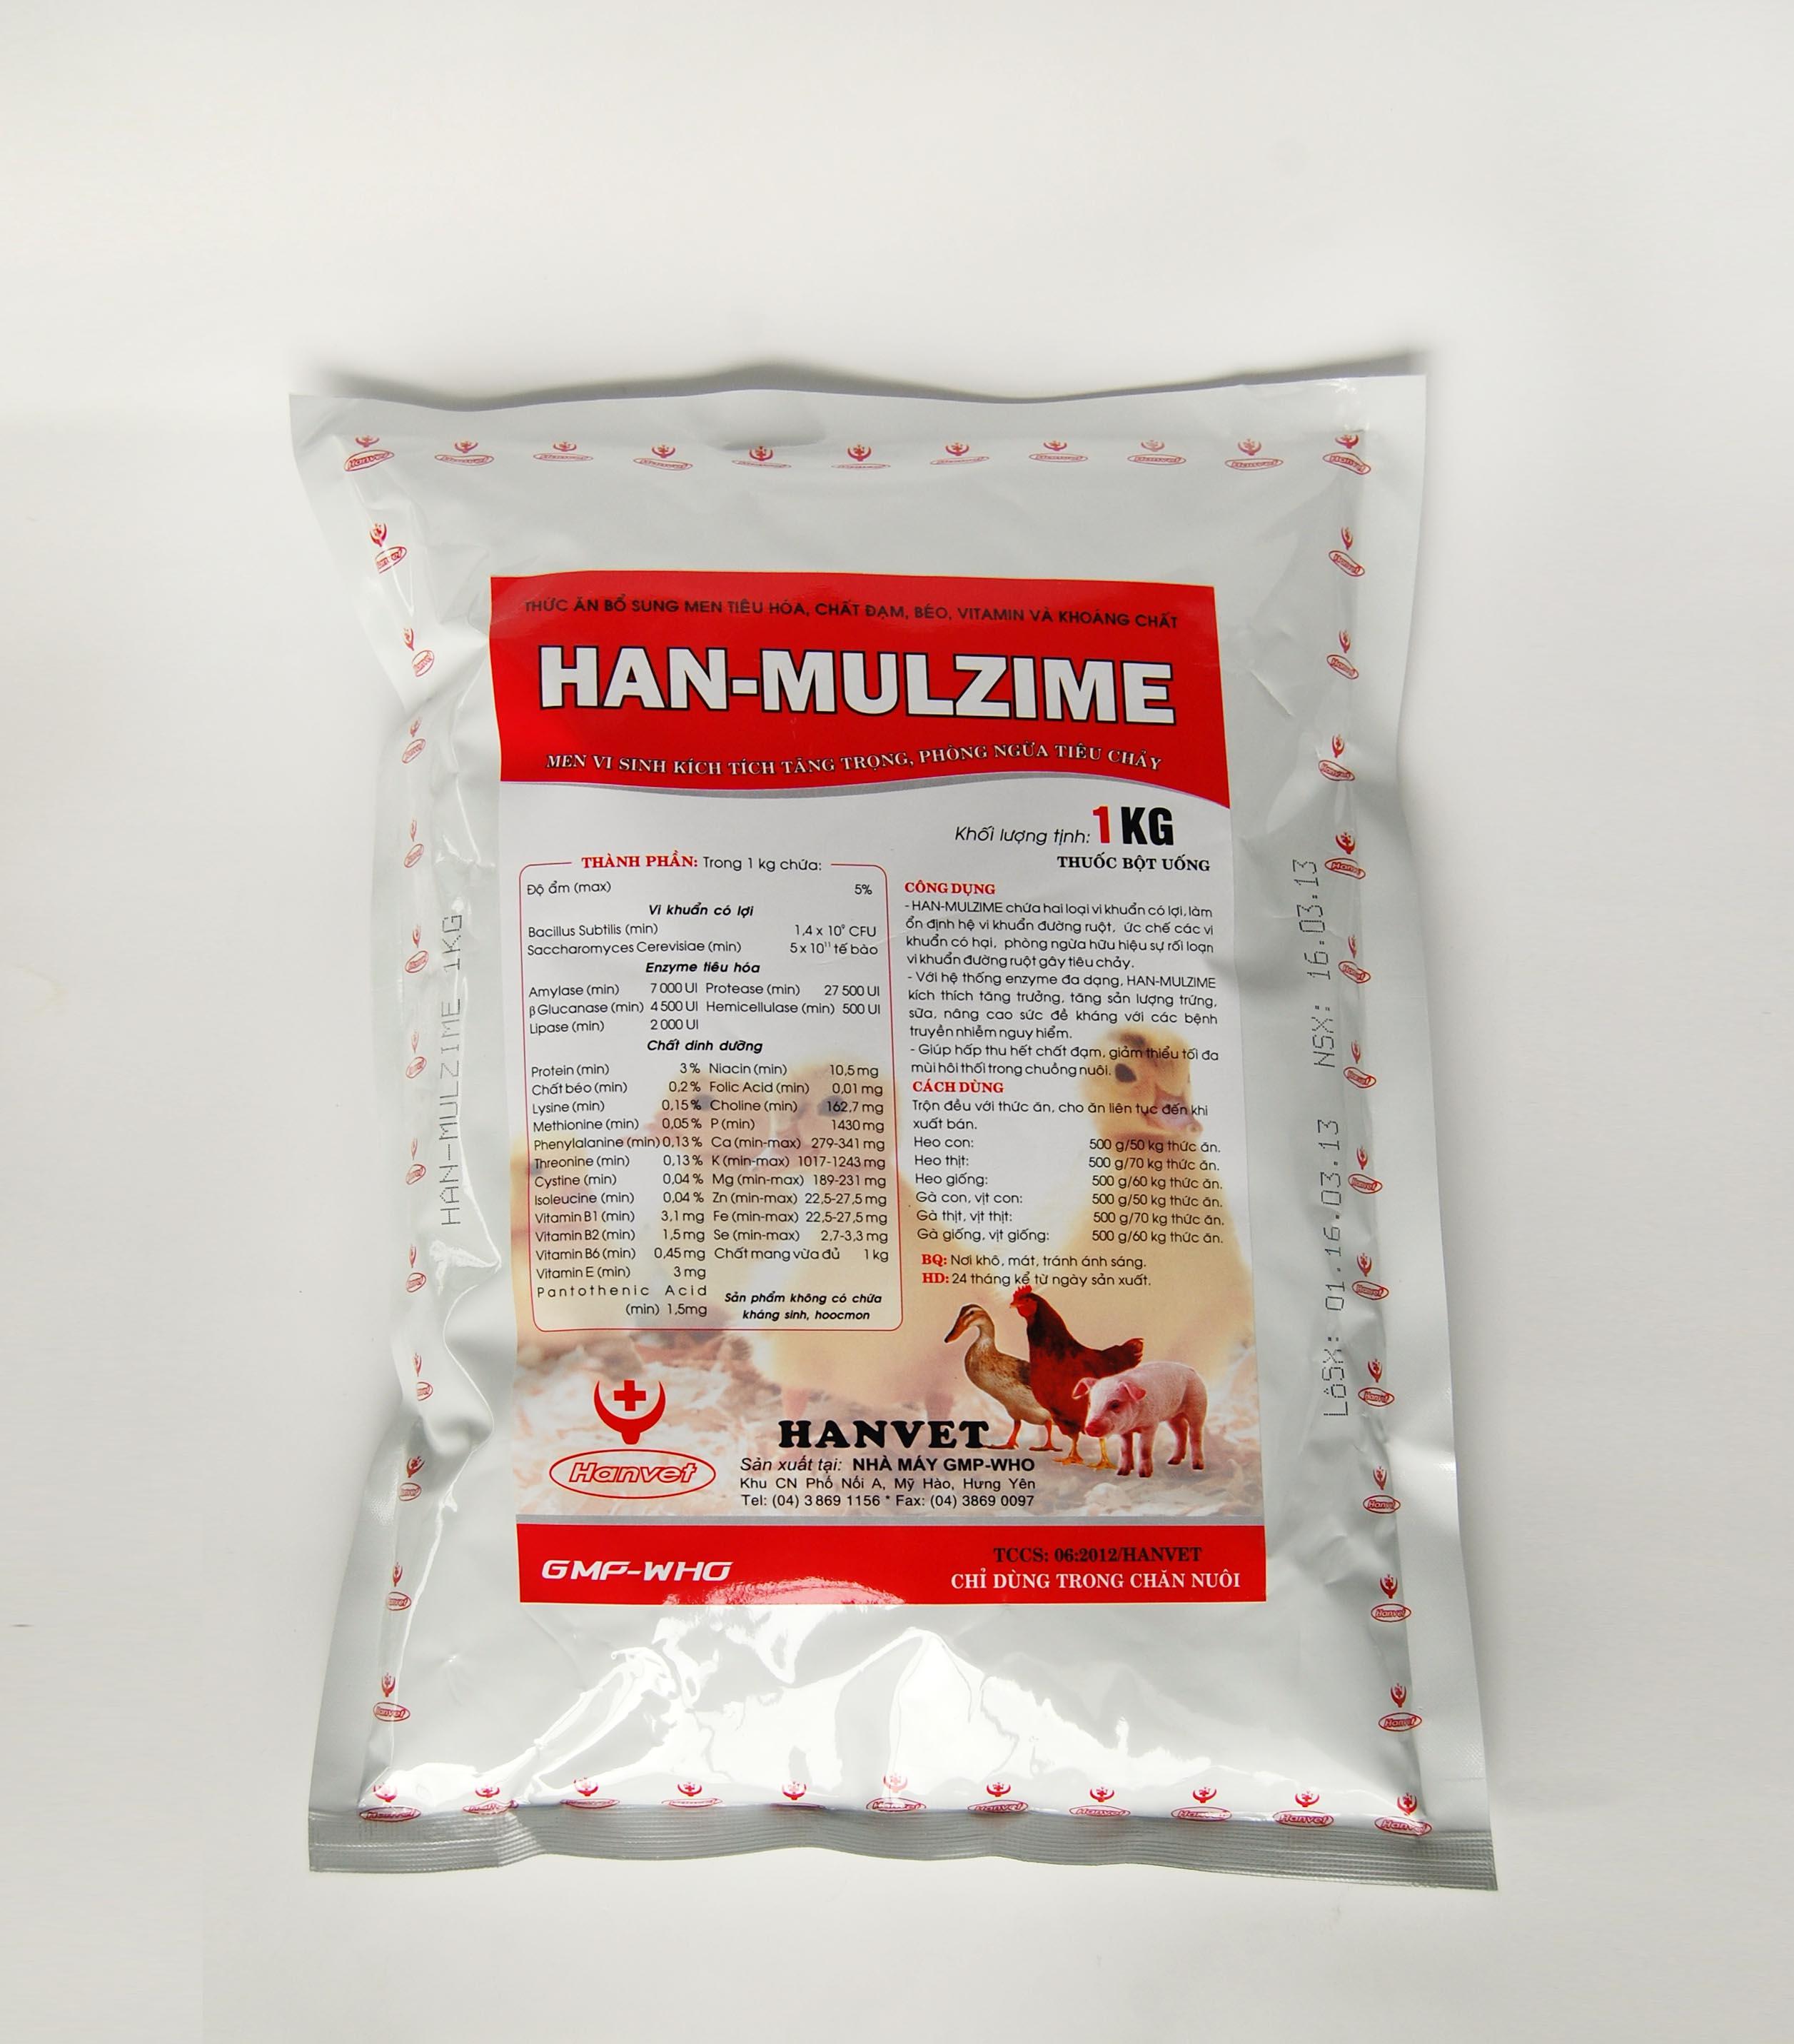 HAN-MULZIME